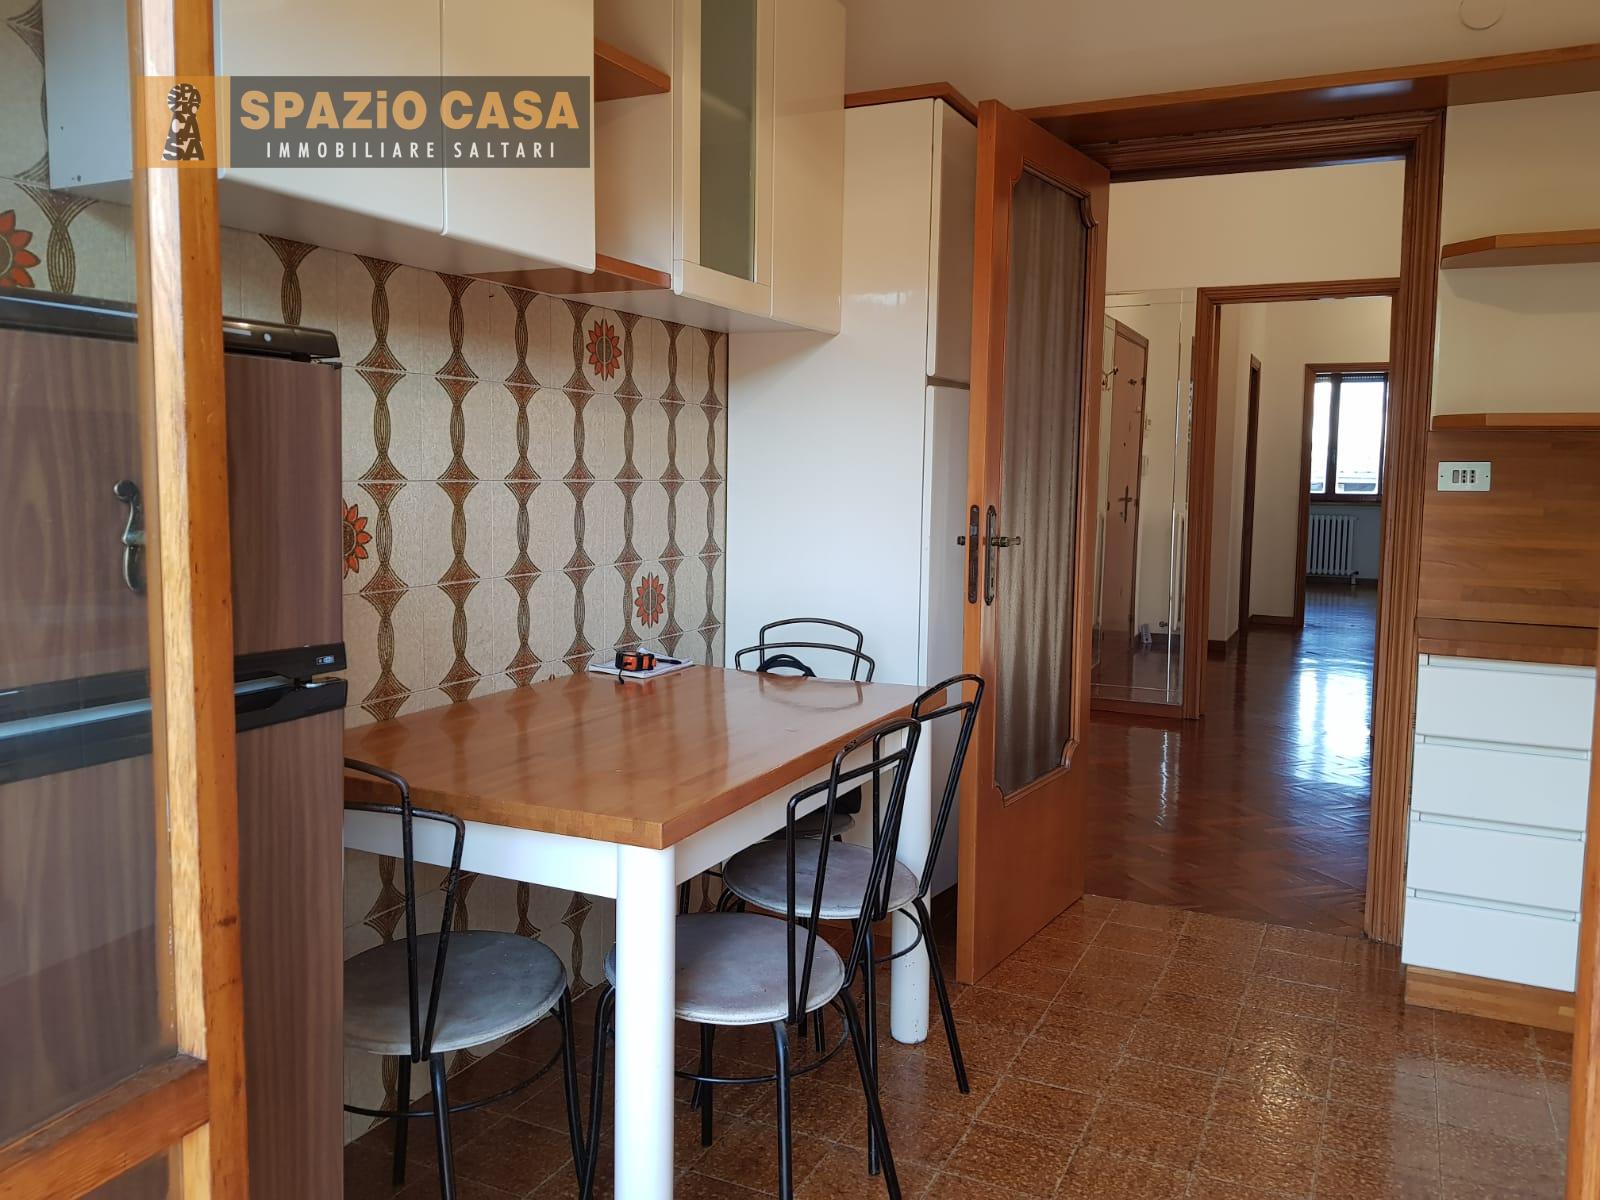 Appartamento MACERATA vendita    Spazio Casa di Massimo Saltari